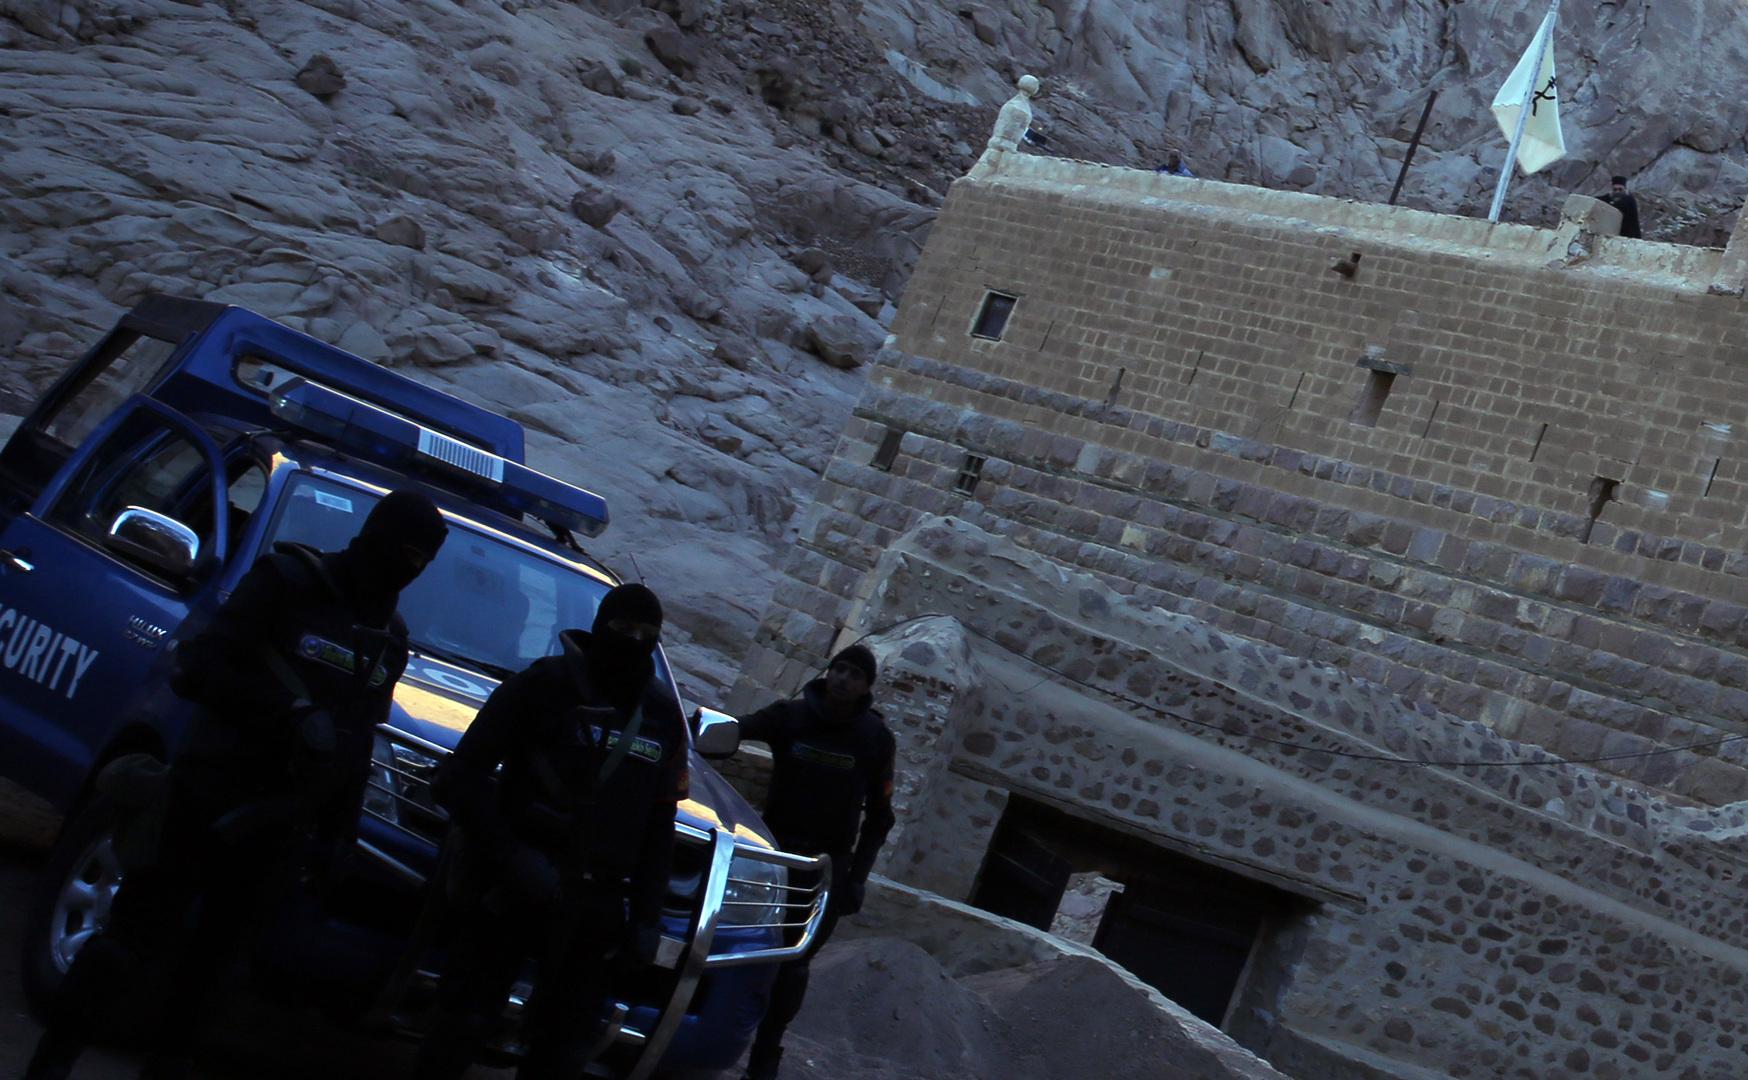 مصر.. حبس مواطن قتل 14 شخصا بينهم أقارب له